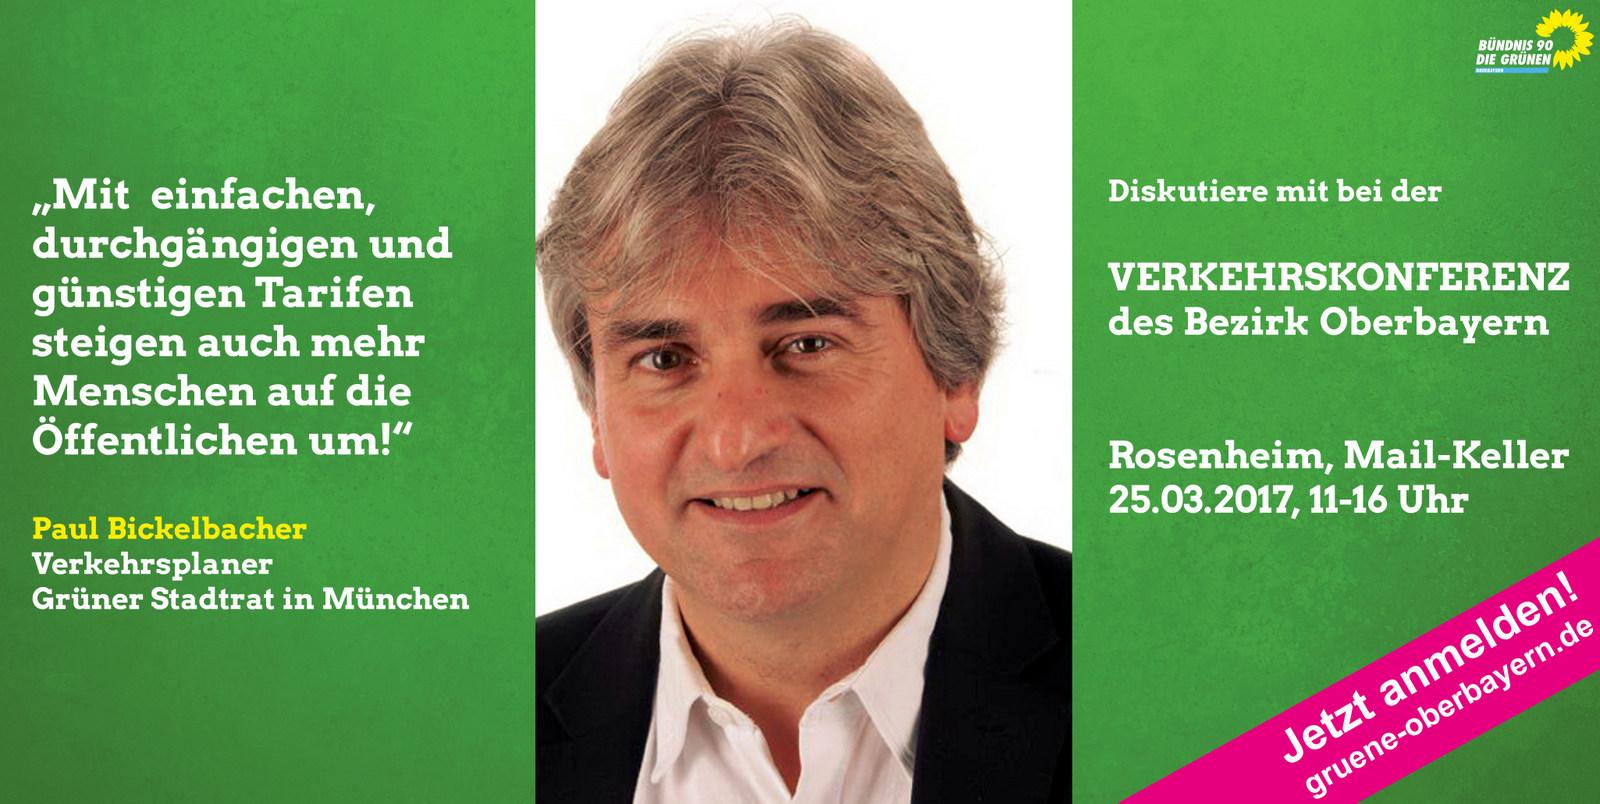 http://gruene-oberbayern.de/wp-content/uploads/2017/03/SharepicVerkehr_Paul.jpg